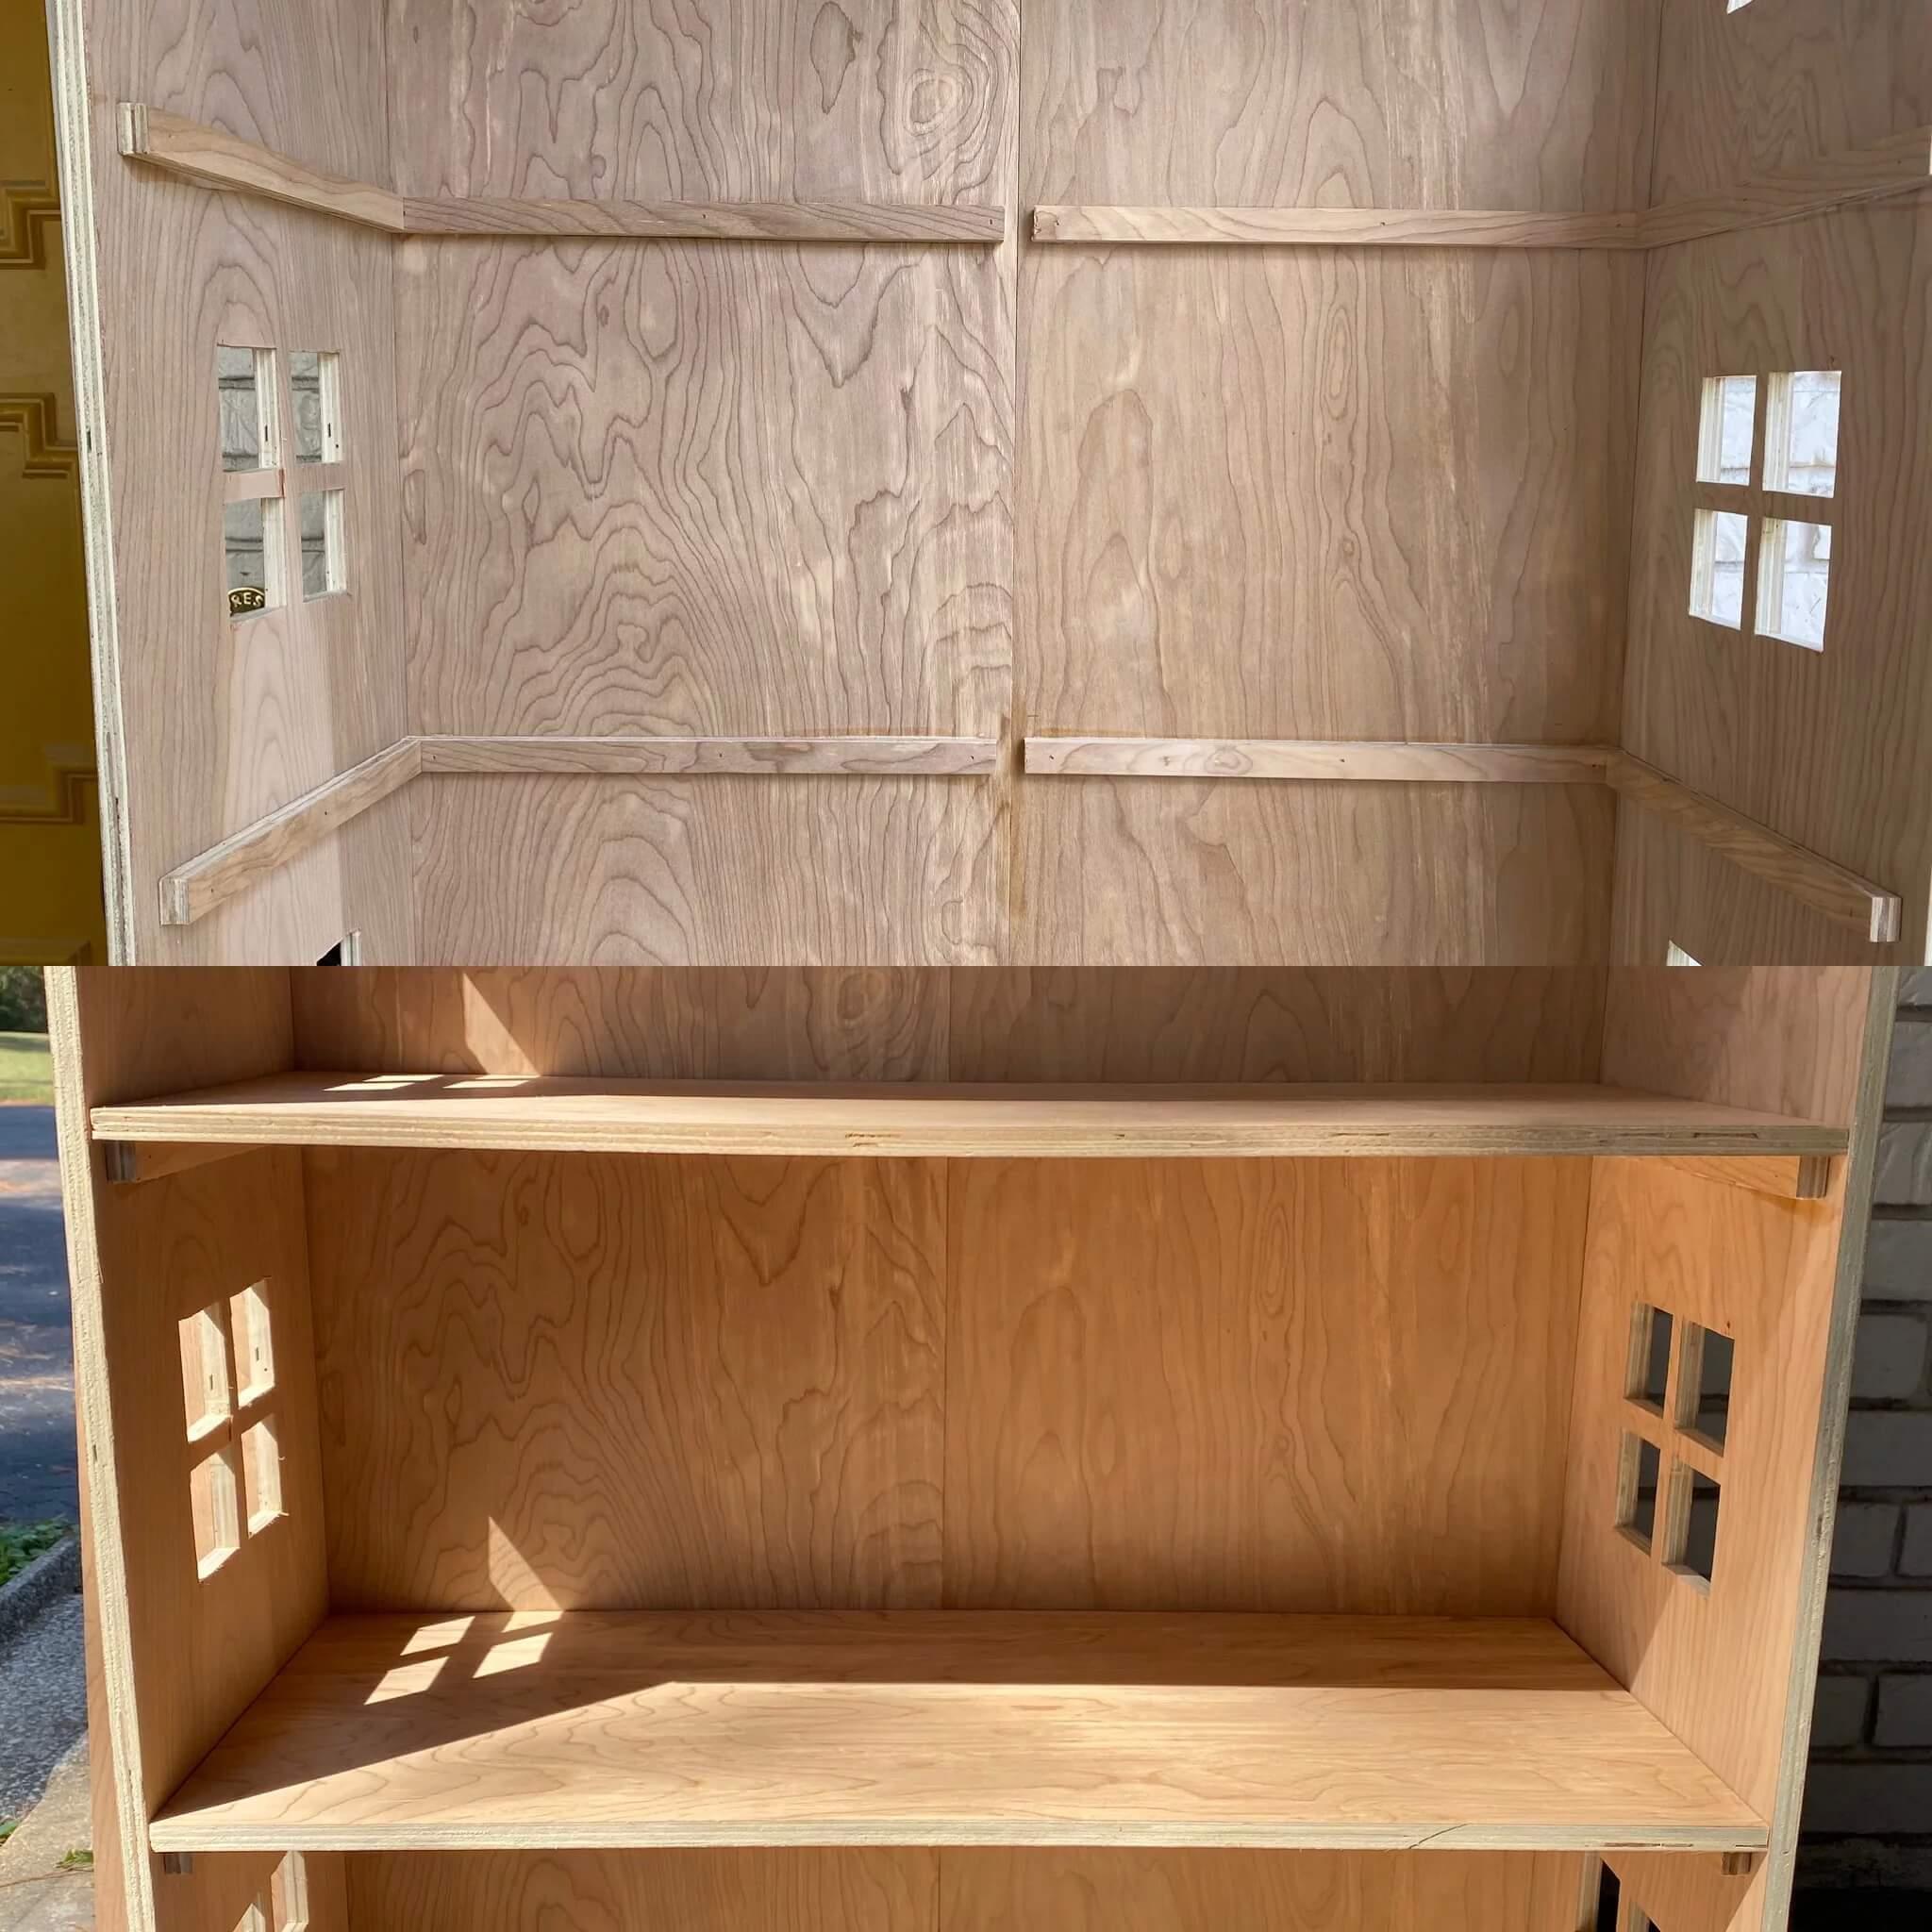 Домик для кукол из фанеры своими руками - сделайте опоры и этажи